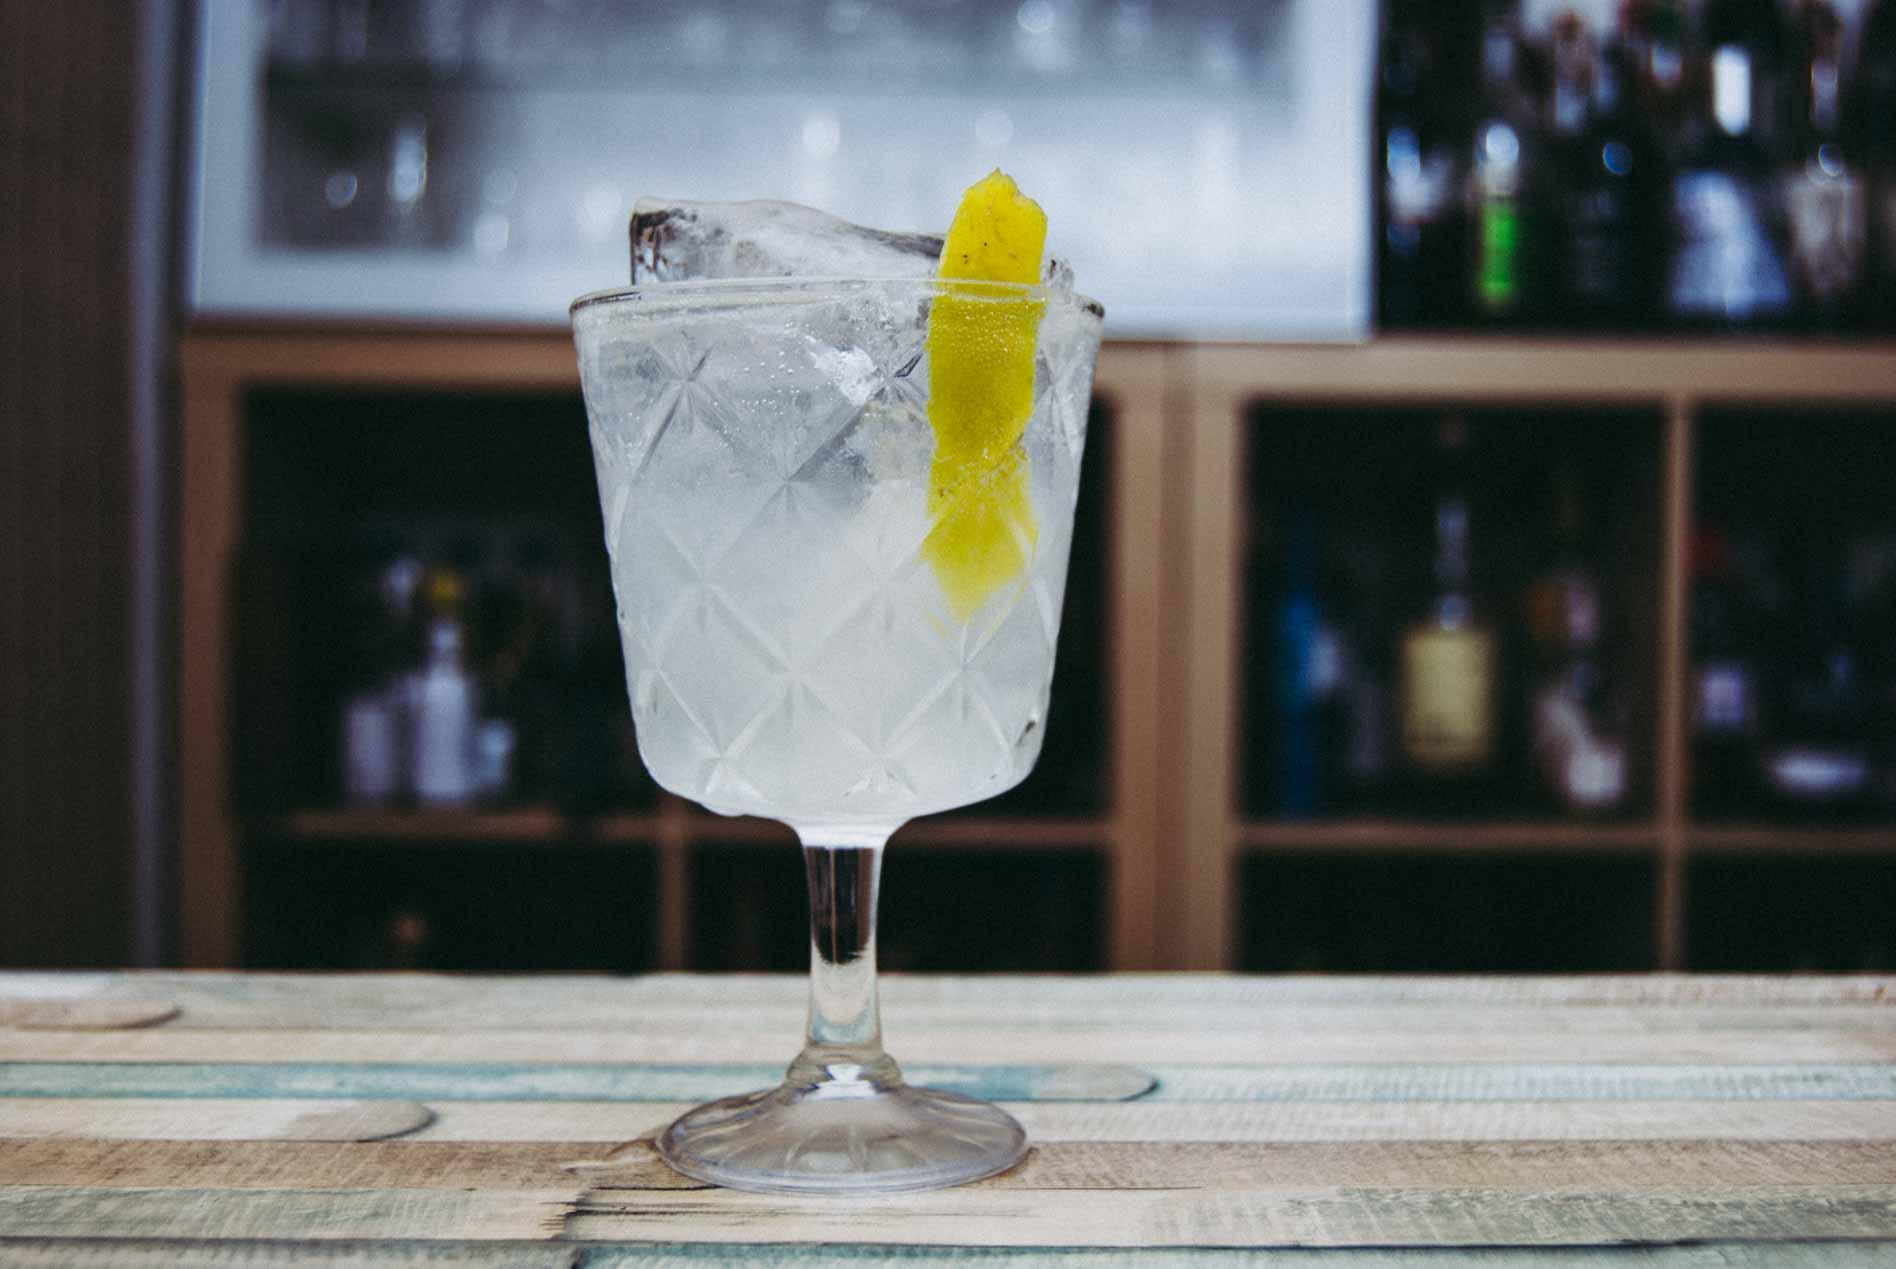 Ein klassischer Gin Fizz aus Gin, Wasser, Zucker, Zitrone.